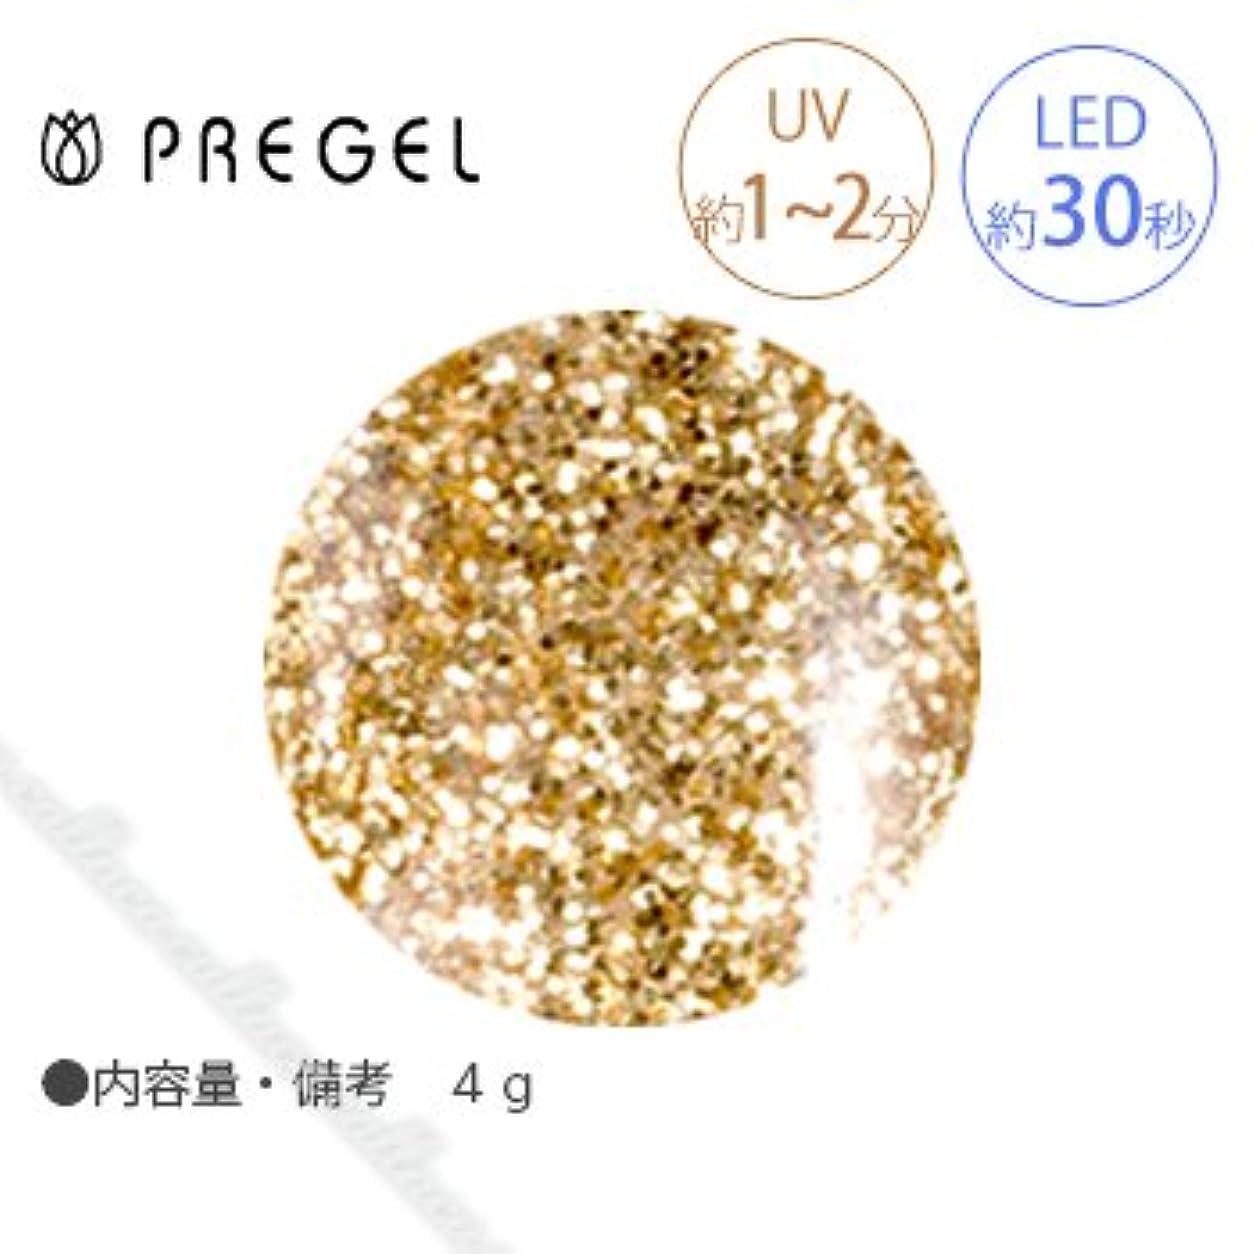 不合格石膏チロ【PREGEL】 プリジェル カラーEX ダイヤモンドシリーズ ダイヤモンドブロンズ PG-CE402 4g